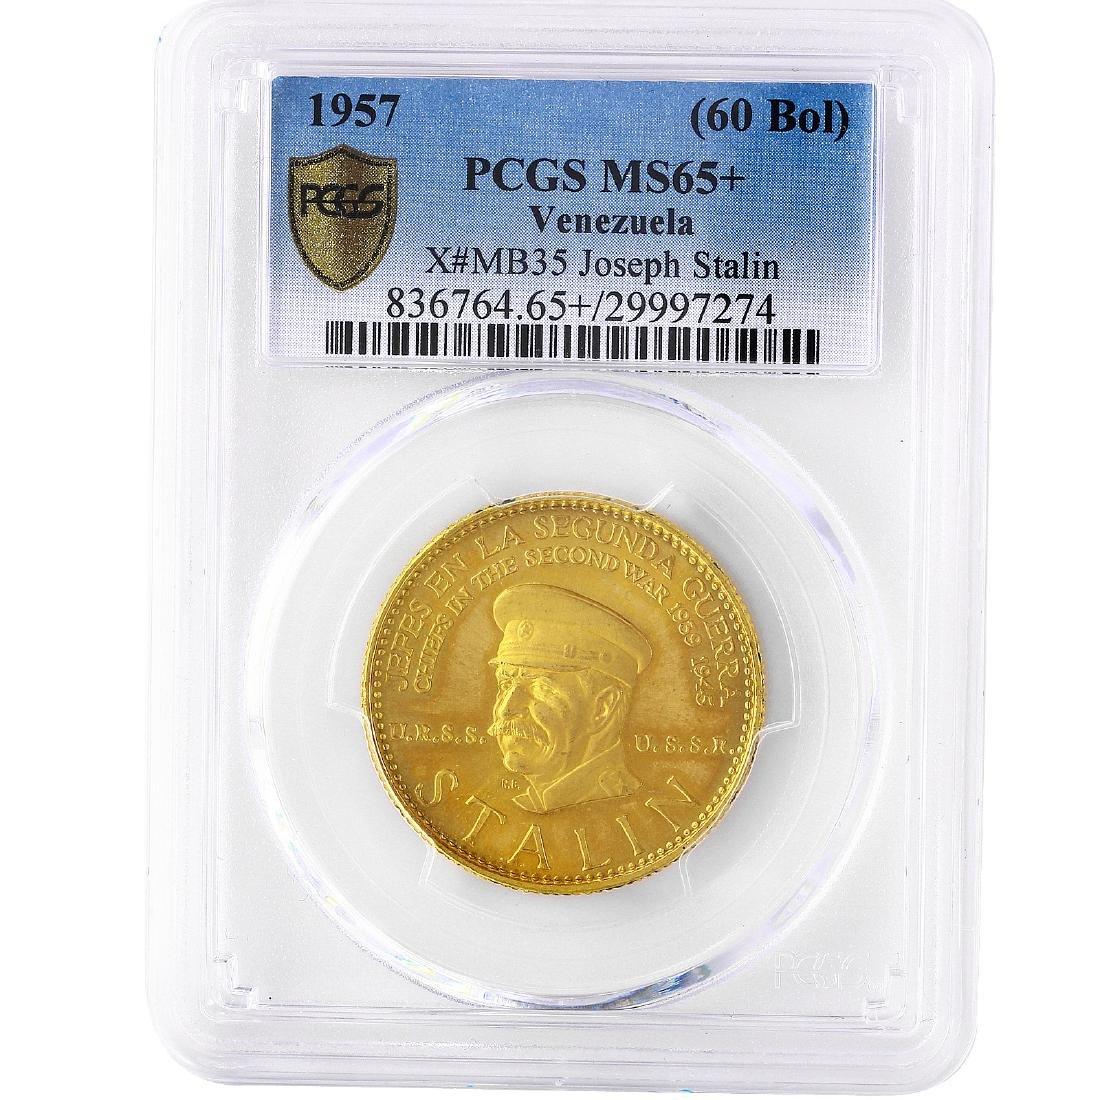 Venezuela 1957 Gold 60 Bolivares Stalin Coin